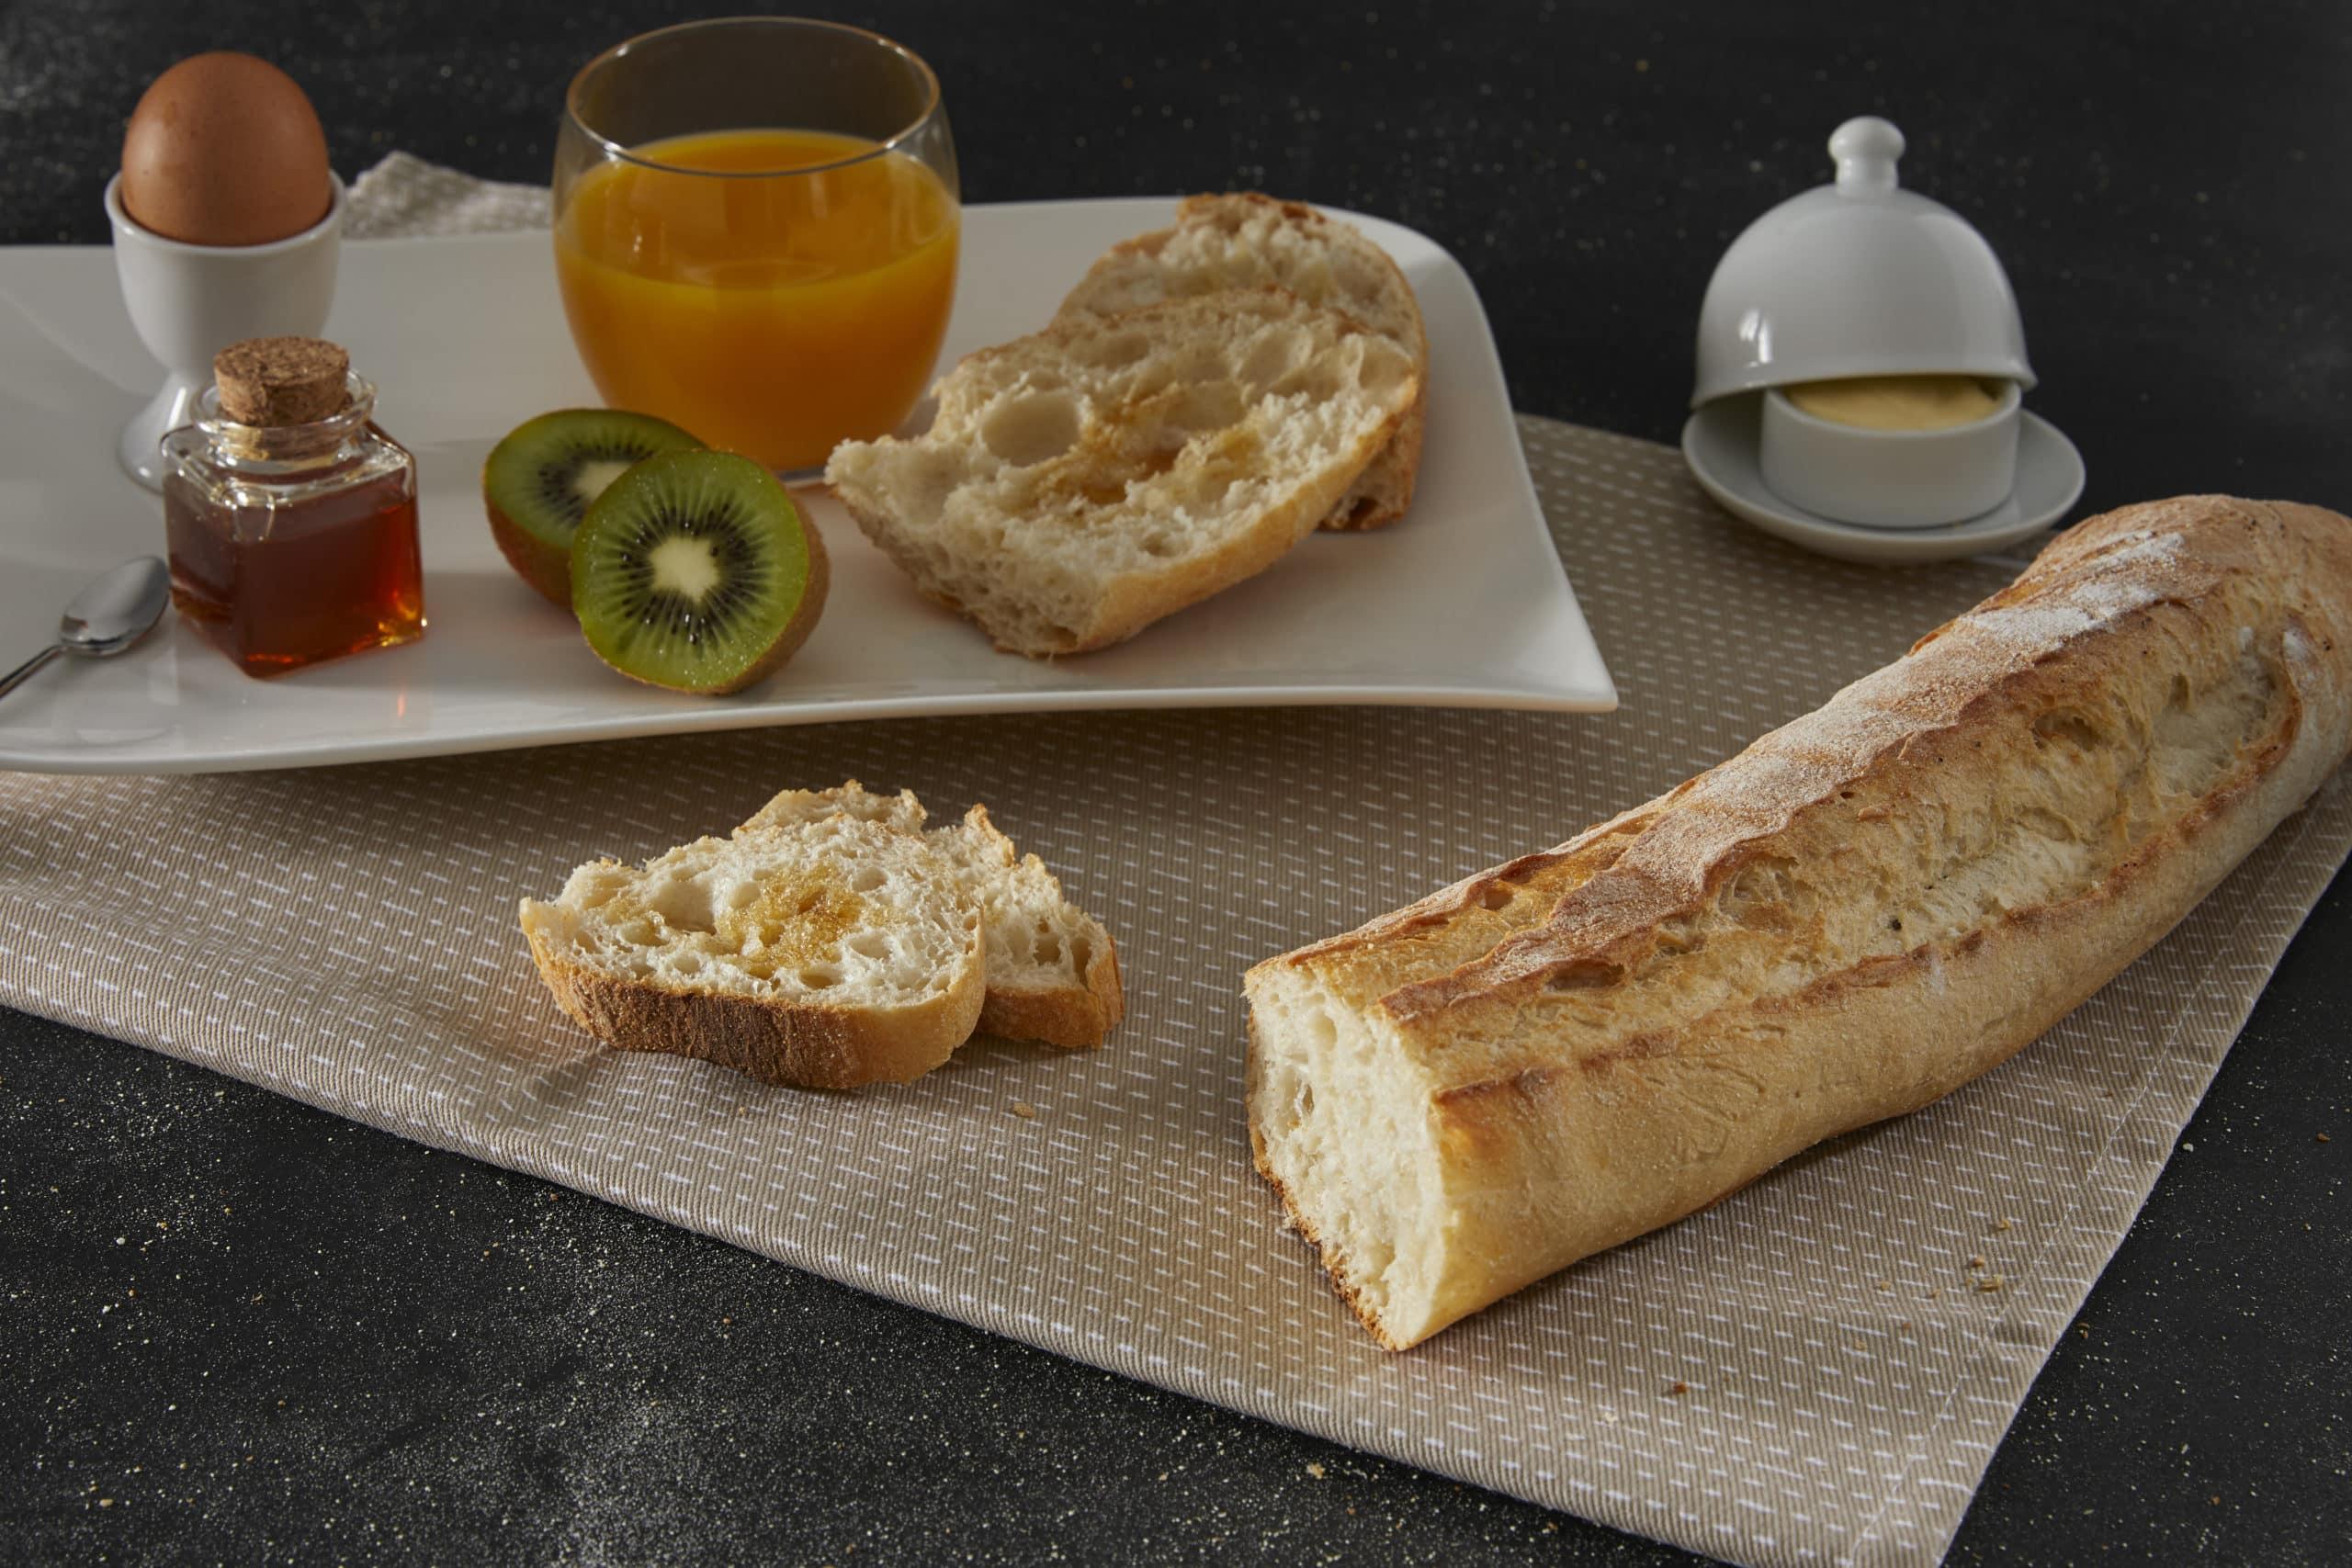 Cours De Cuisine Henin Beaumont produits de boulangerie - baguette louise - boulangerie louise